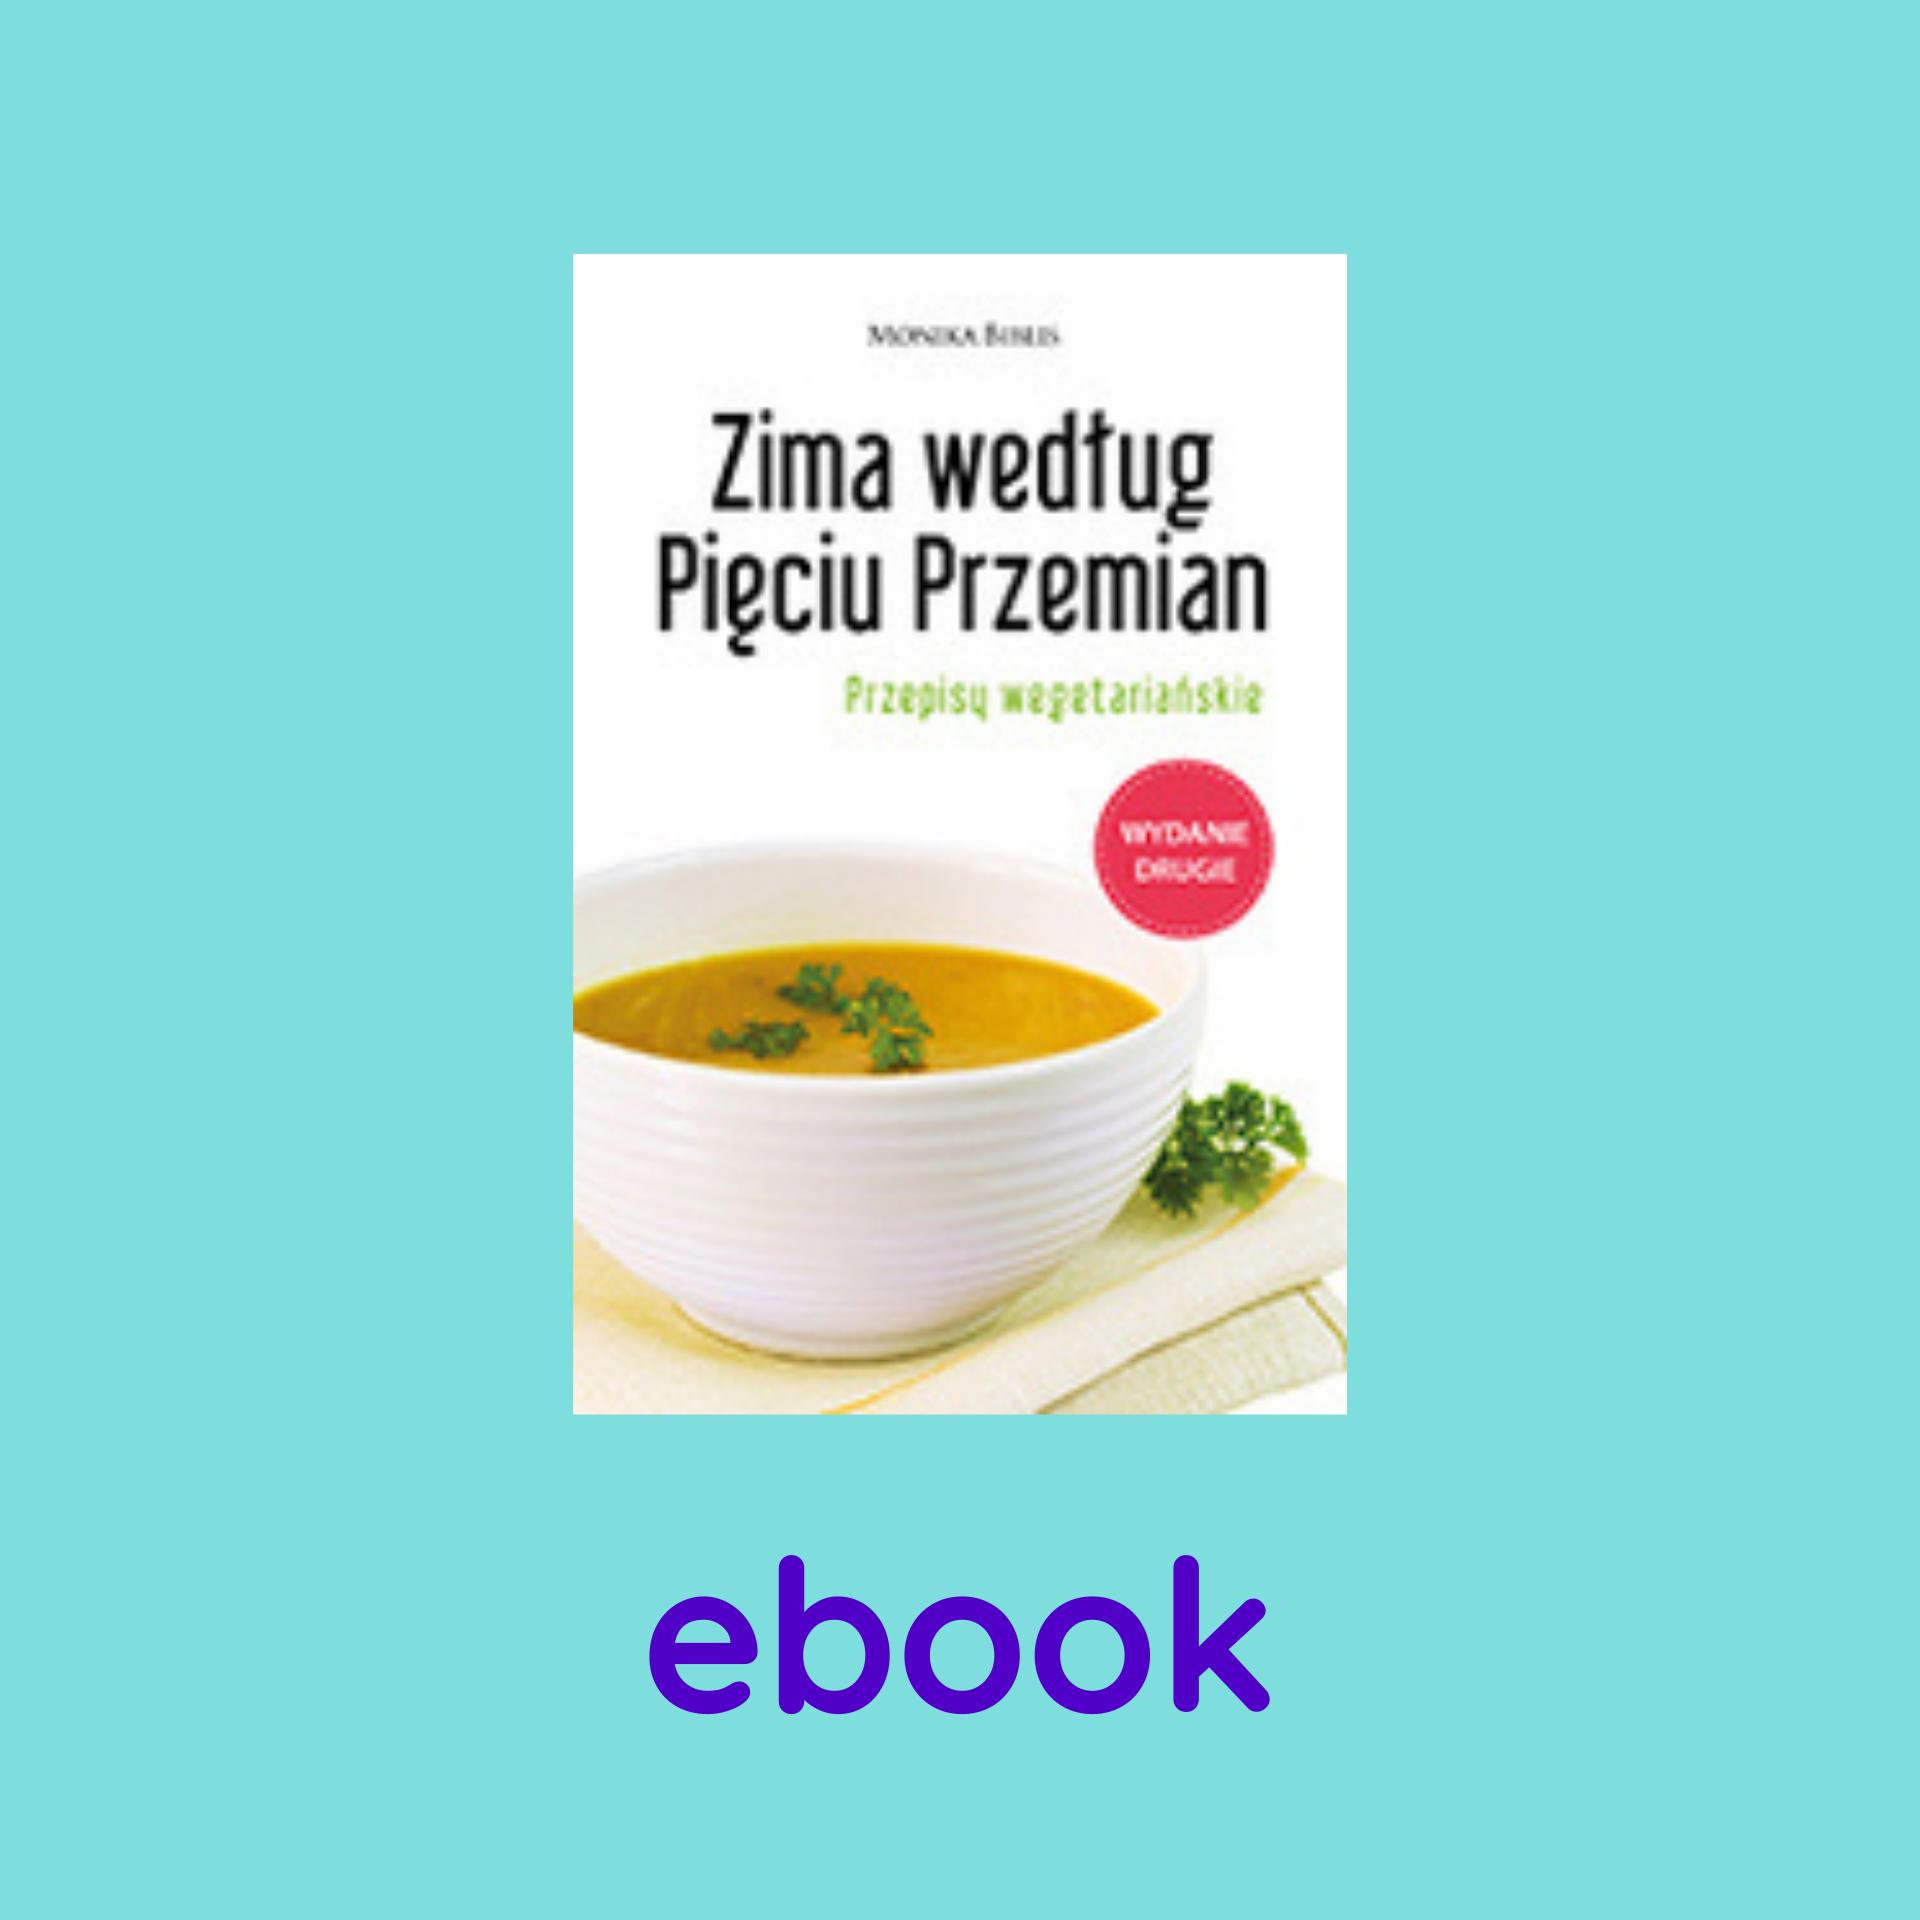 Zima Wedlug Pieciu Przemian Przepisy Wegetarianskie Ebook Monika Biblis Kuchnia I Filozofia Pieciu Przemian